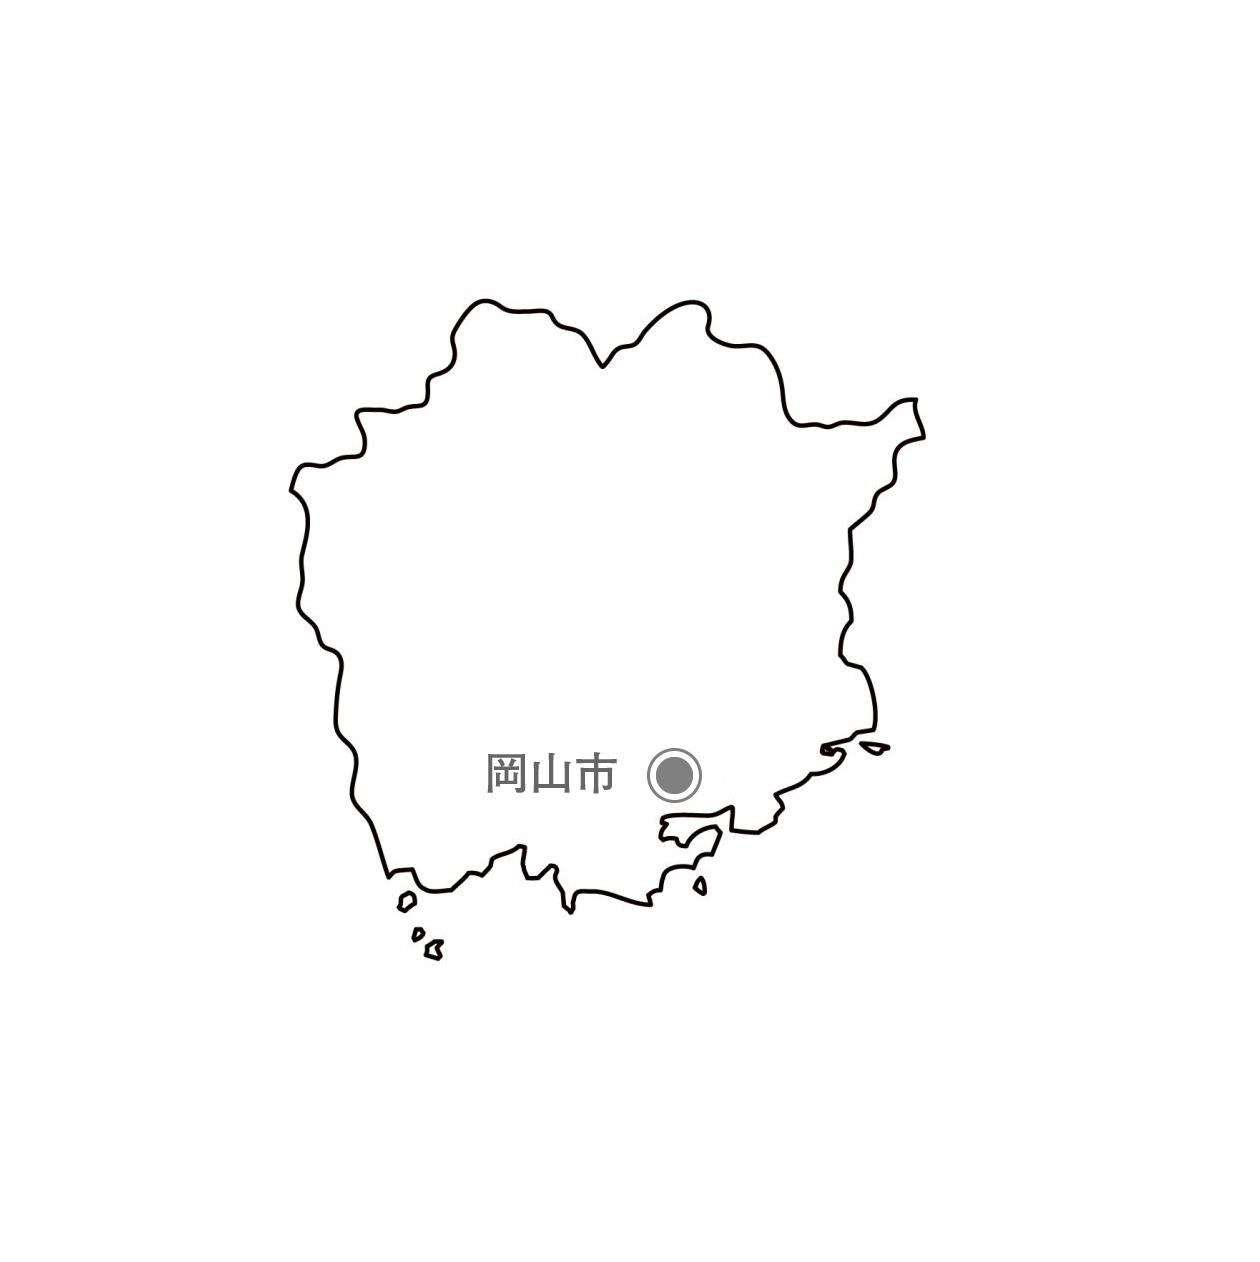 [白地図]岡山県・都道府県名・県庁所在地あり